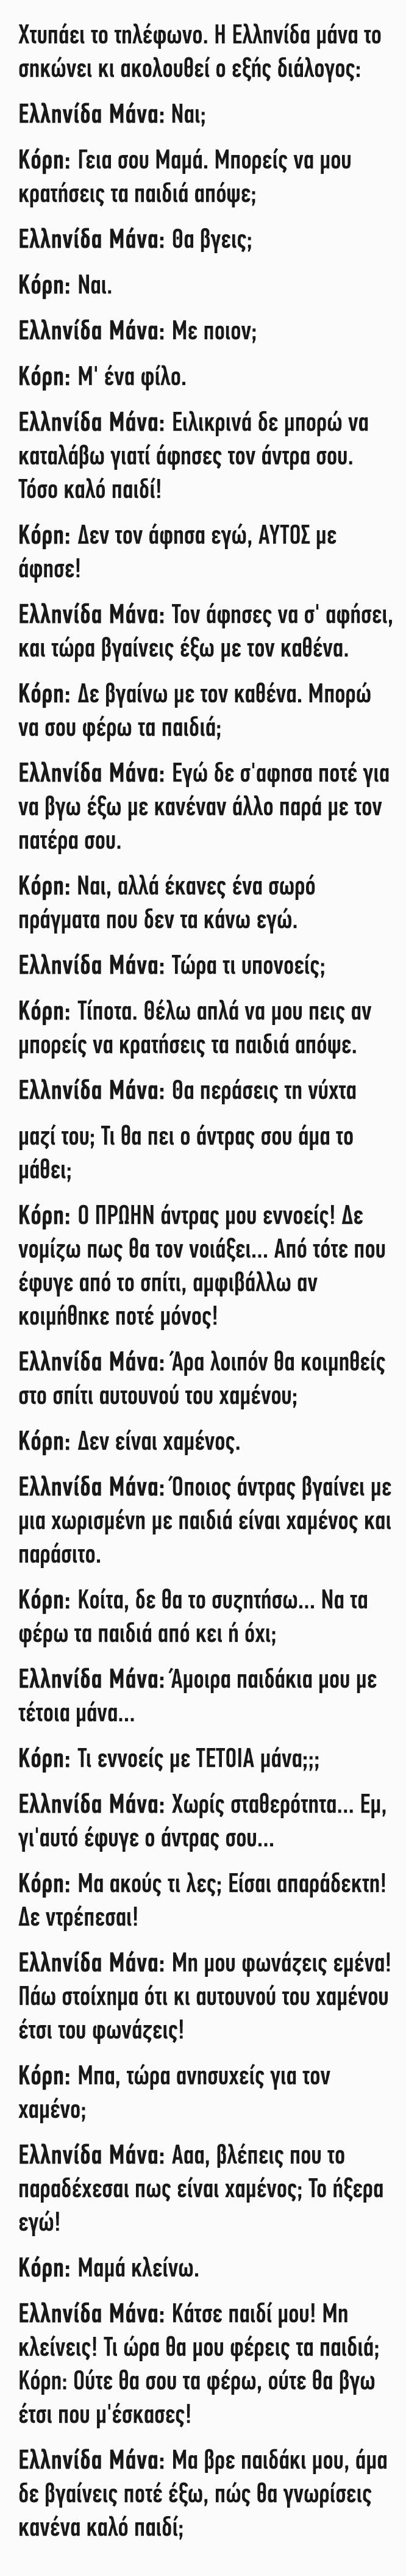 Χτυπάει το τηλέφωνο η Ελληνίδα μάνα το σηκώνει κι ακολουθεί ο εξής διάλογος